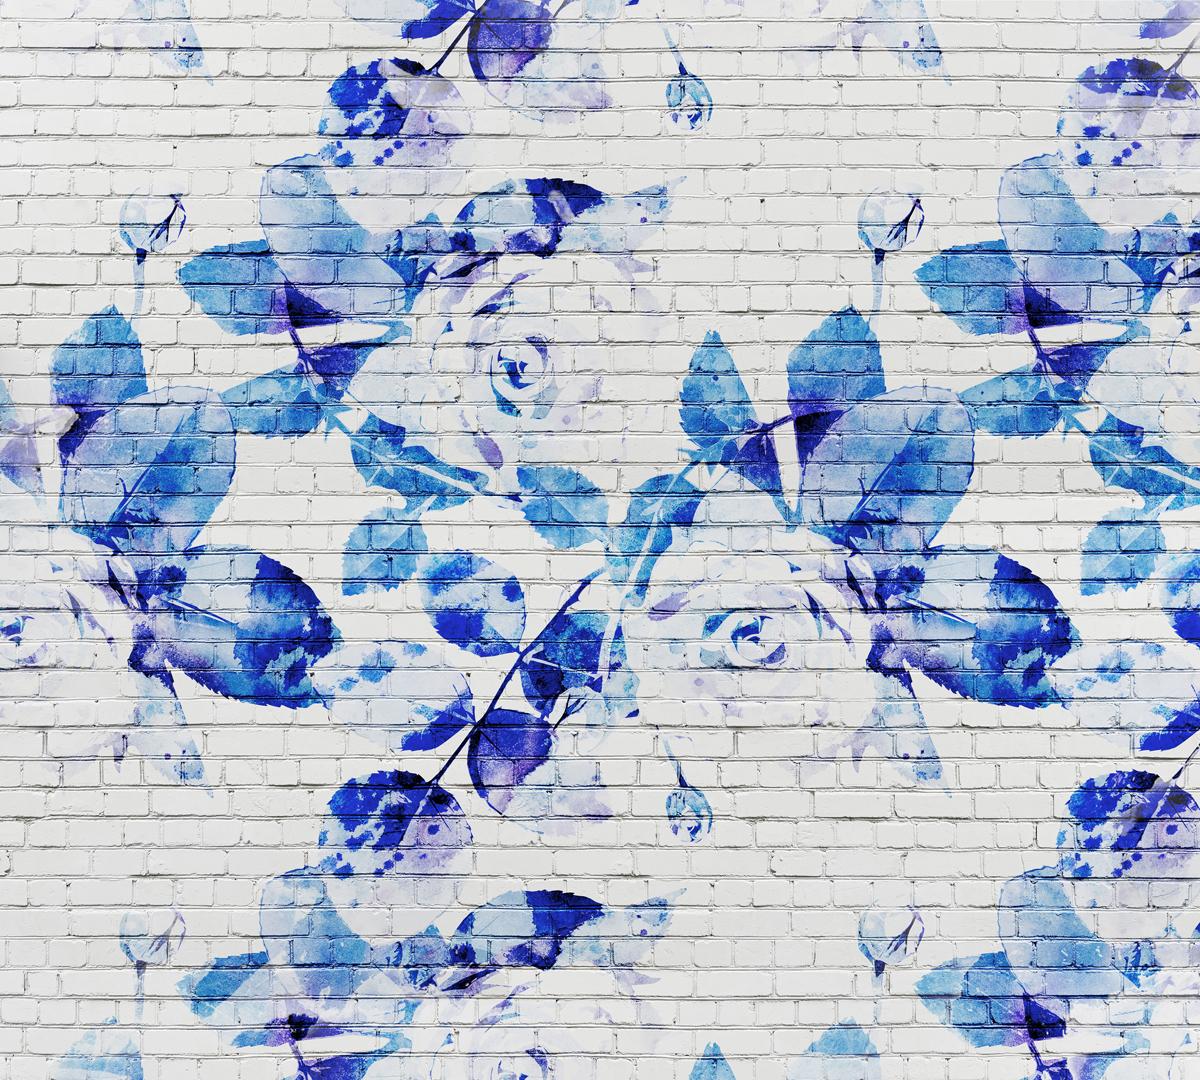 Фотообои Barton Wallpapers Цветы, 300 x 270 см. F2190312723Фотообои Barton Wallpapers позволят создать неповторимый облик помещения, в котором они размещены. Фотообои наносятся на стены тем же способом, что и обычные обои. Рельефная структура основы делает фотообои необычными, неповторимыми, глубокими и манящими.Фотообои снова вошли в нашу жизнь, став модным направлением декорирования интерьера. Выбрав правильную фактуру и сюжет изображения можно добиться невероятного эффекта живого присутствия.